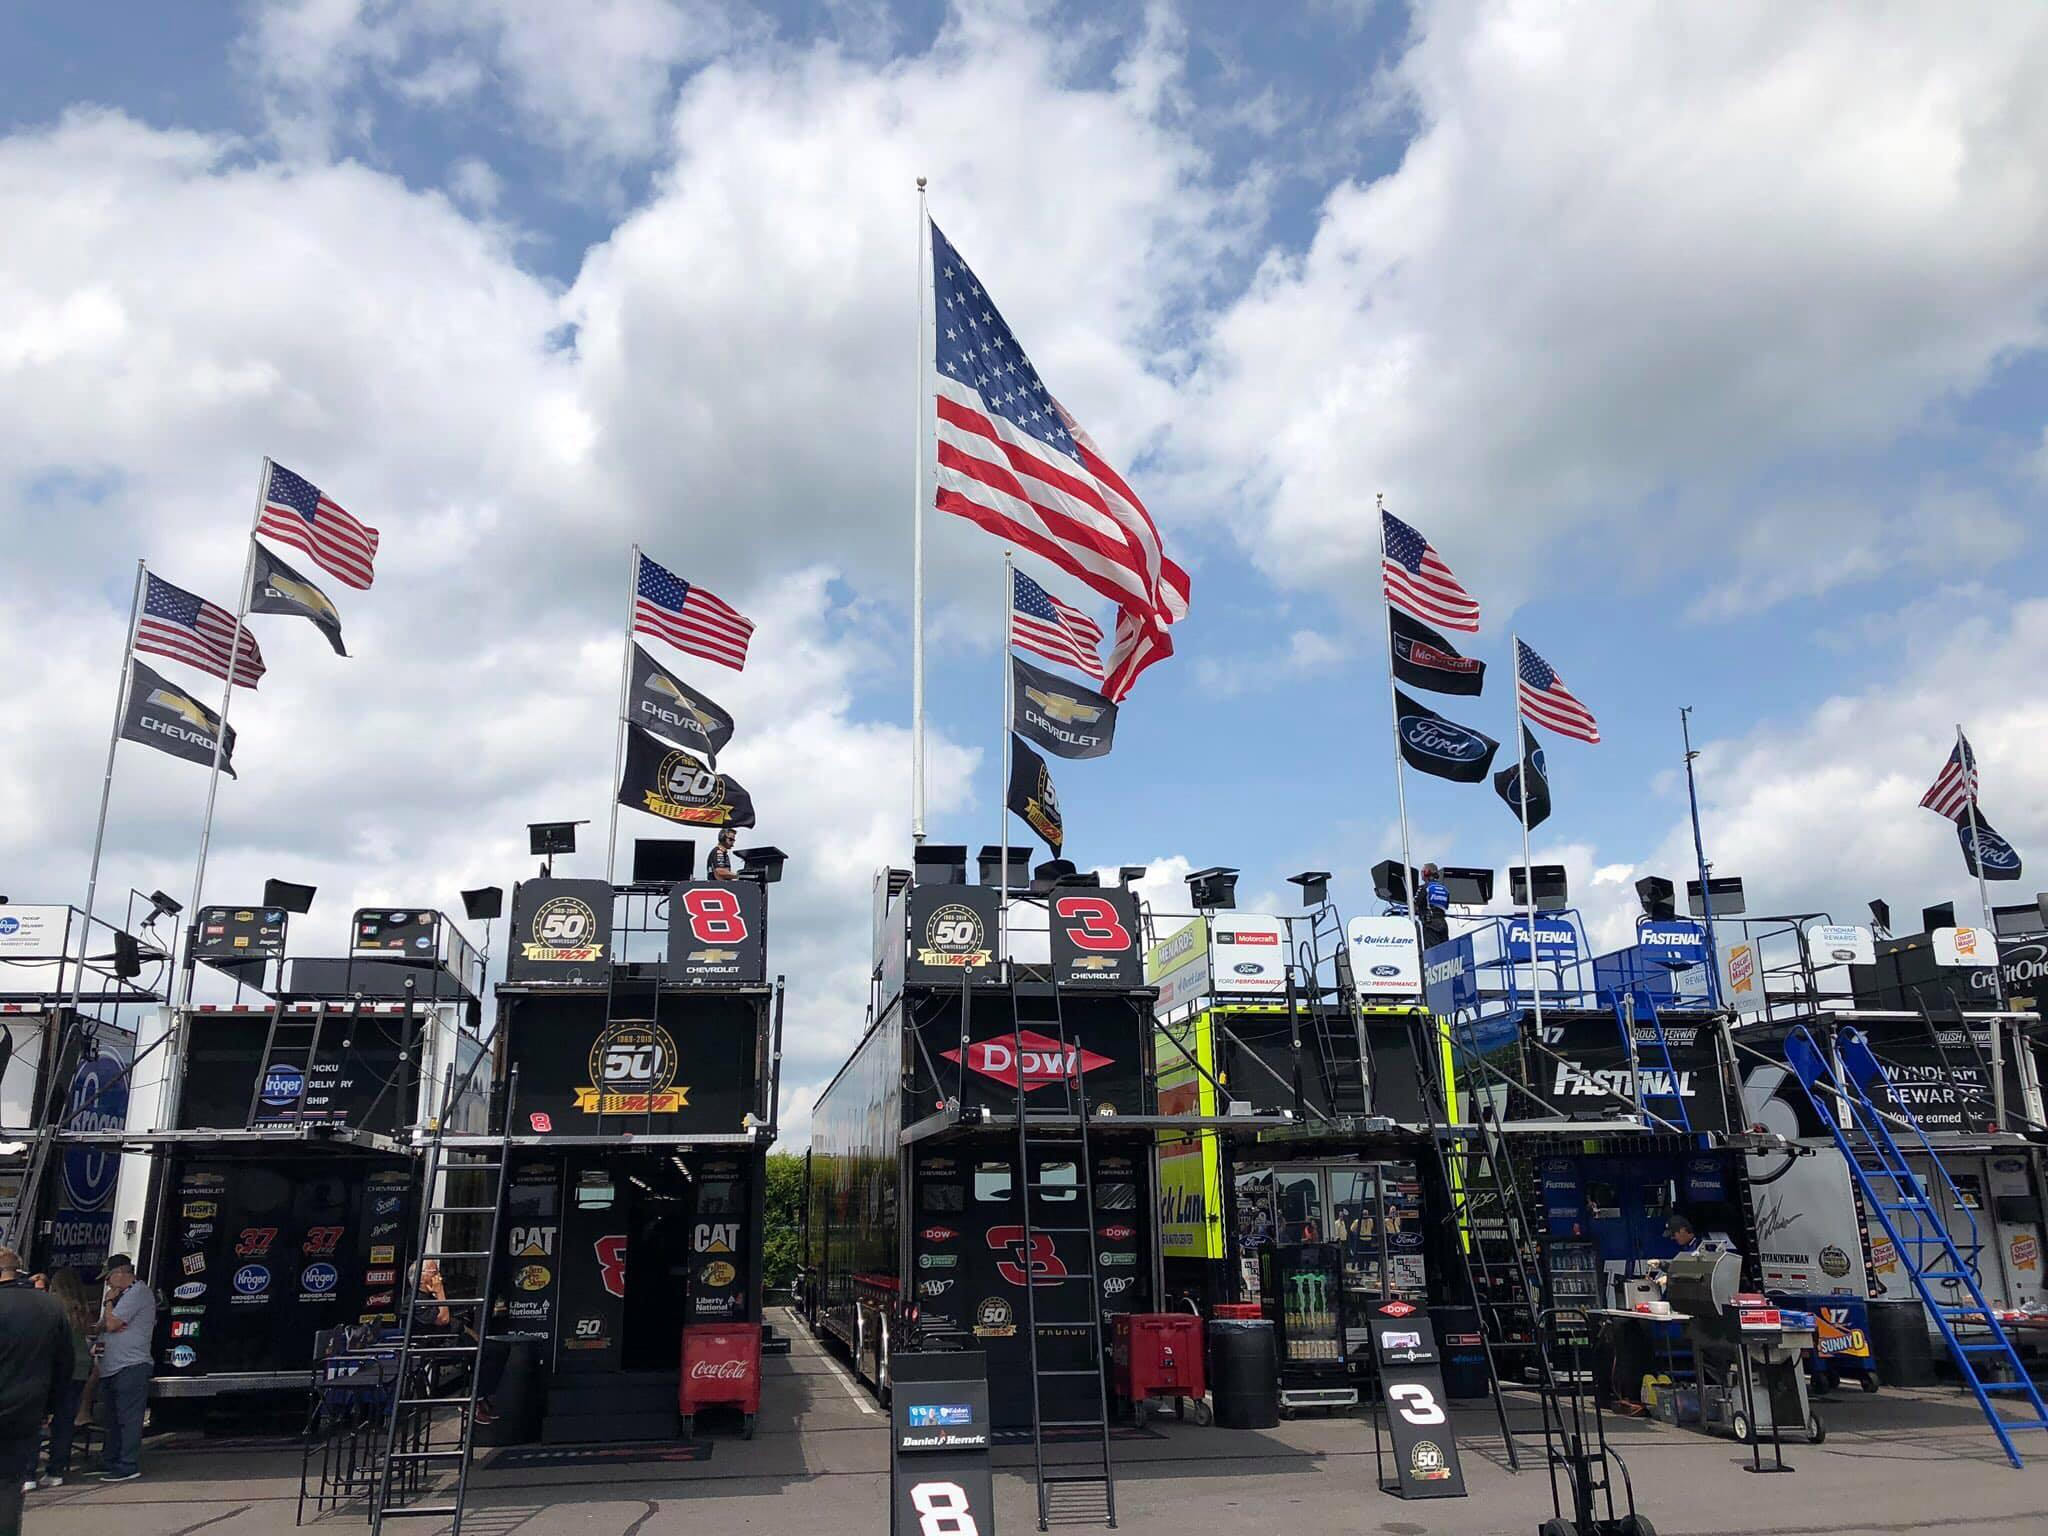 NASCAR garage area at Pocono Raceway